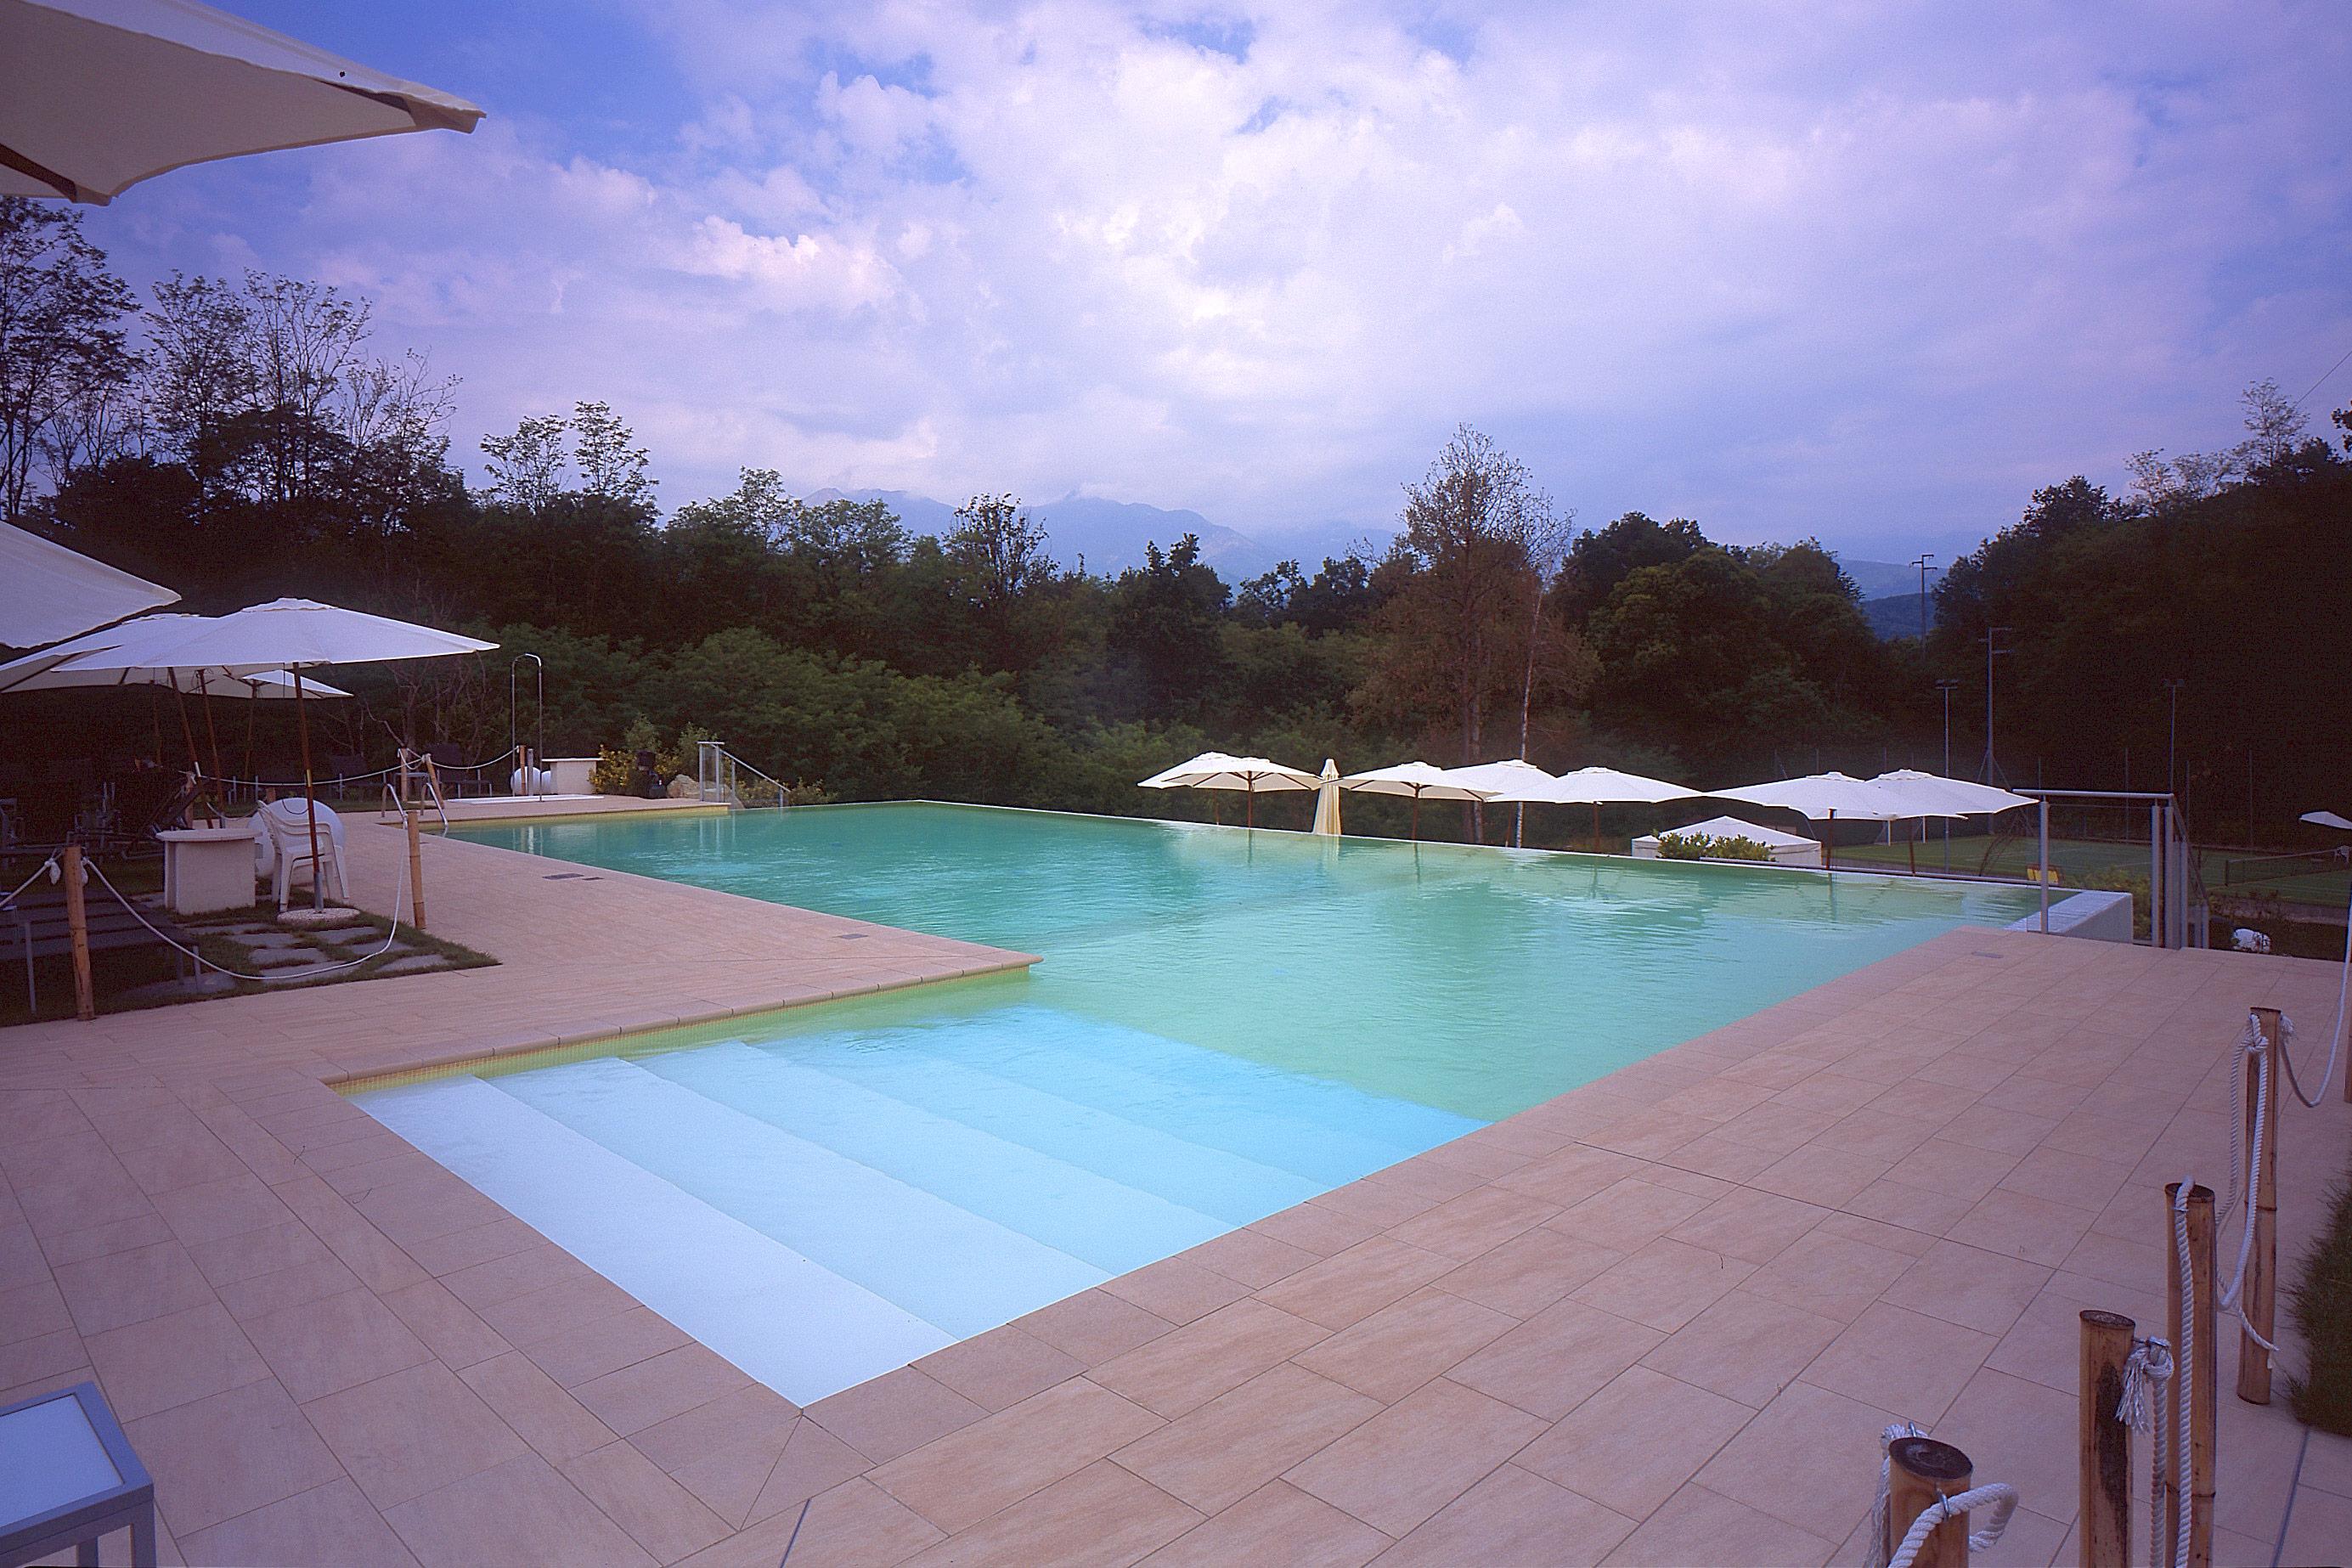 piscine-pannelli-acciaio-landscaper3